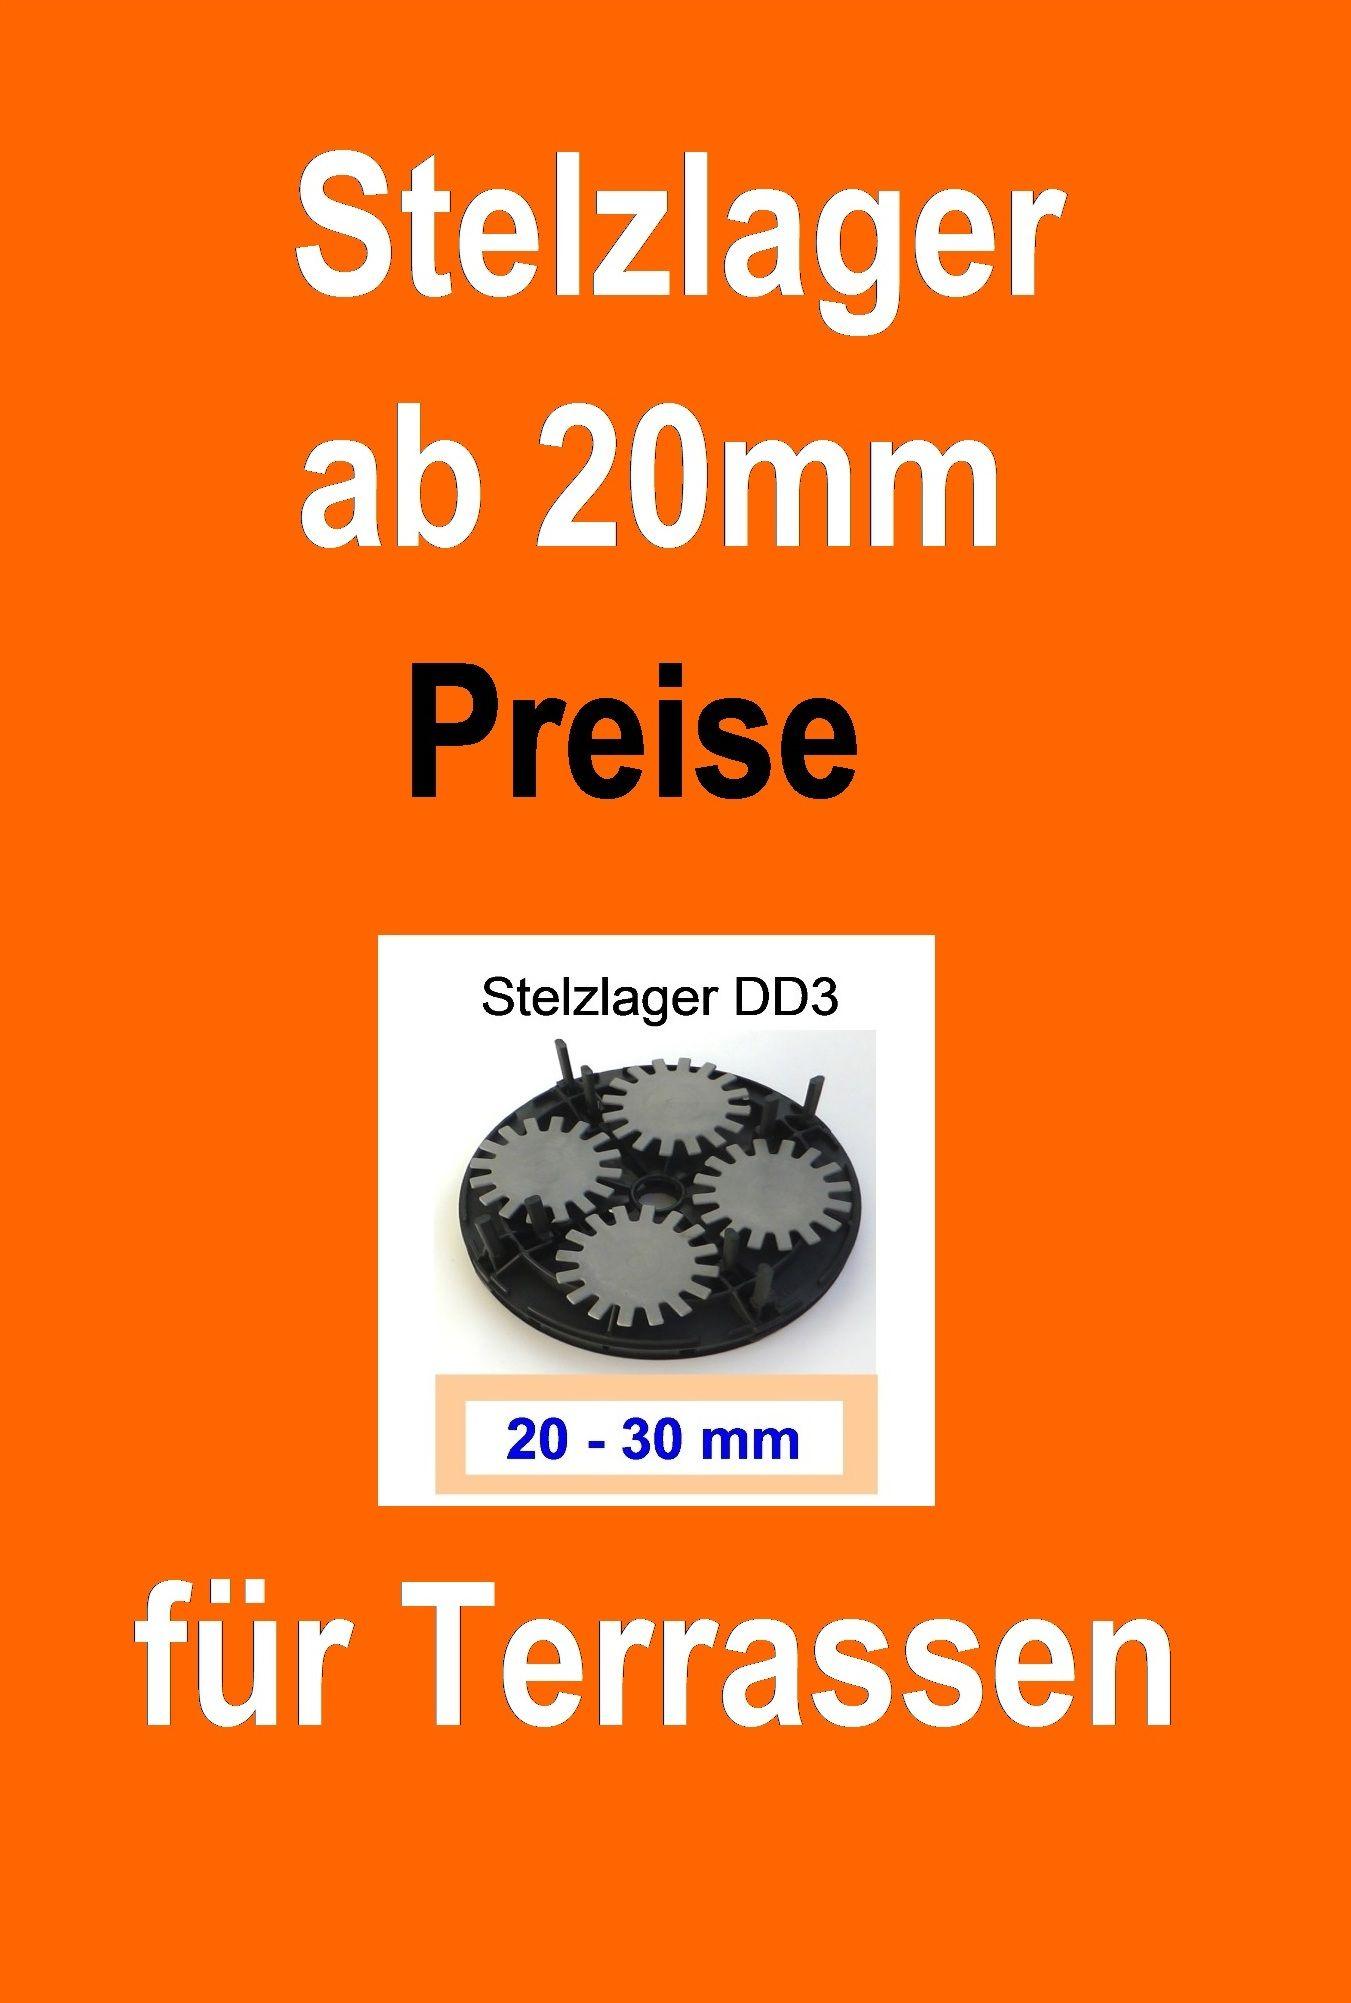 StelzlagerPreise Für Terrassen Stelzlager Angebote Pinterest - Terrassenplatten für dachterrasse